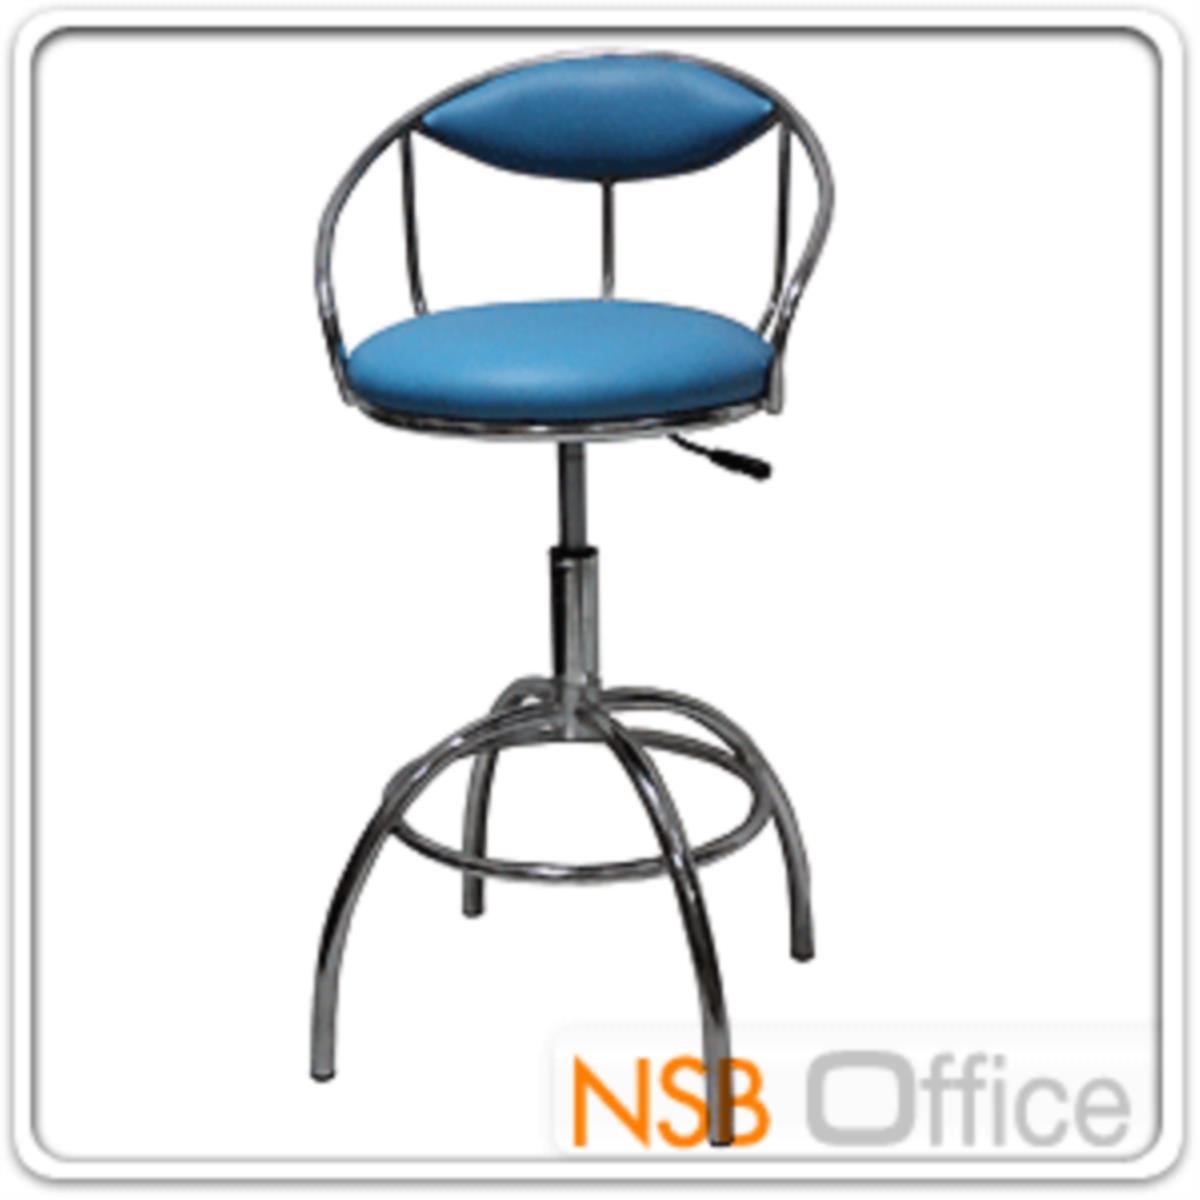 เก้าอี้บาร์ที่นั่งกลม รุ่น Daryl (แดริล)  โช๊คแก๊ส ขาเหล็กชุบโครเมี่ยม